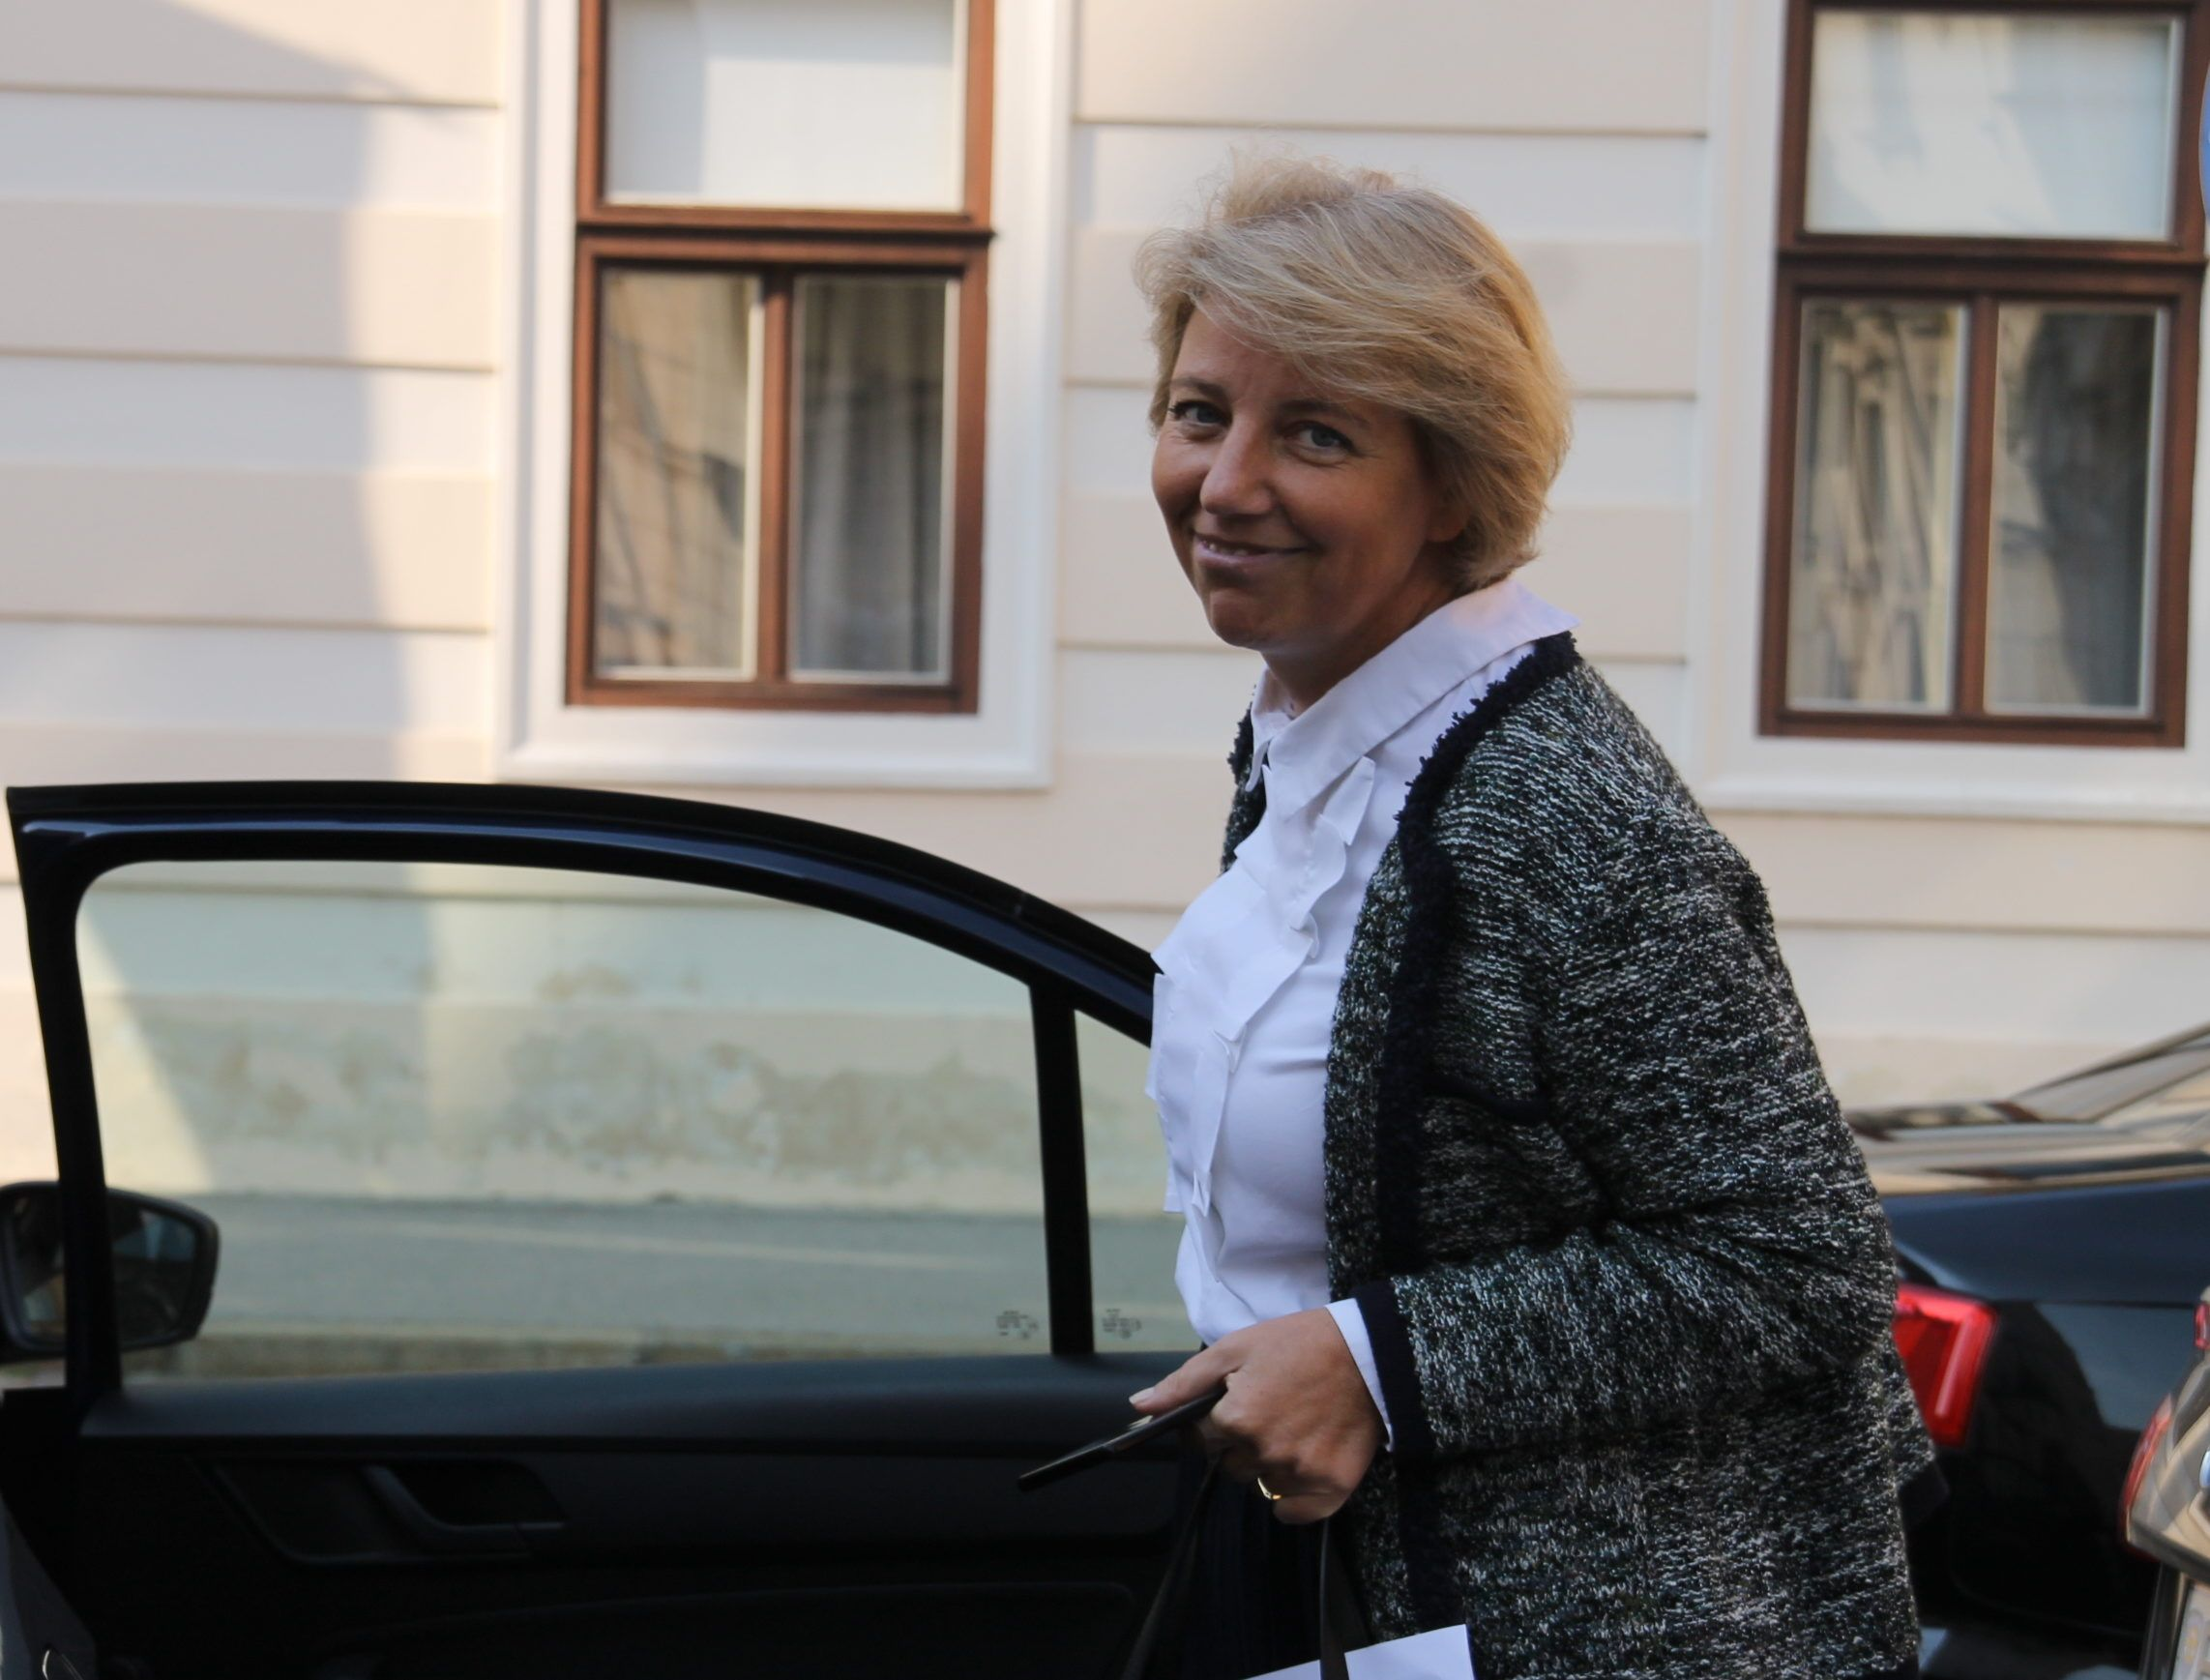 """SEDMOGODIŠNJI PRORAČUN EU-a Andreja Metelko-Zgombić: """"Hrvatskoj je prihvatljiv iznos koji je predložila Europska komisija"""""""